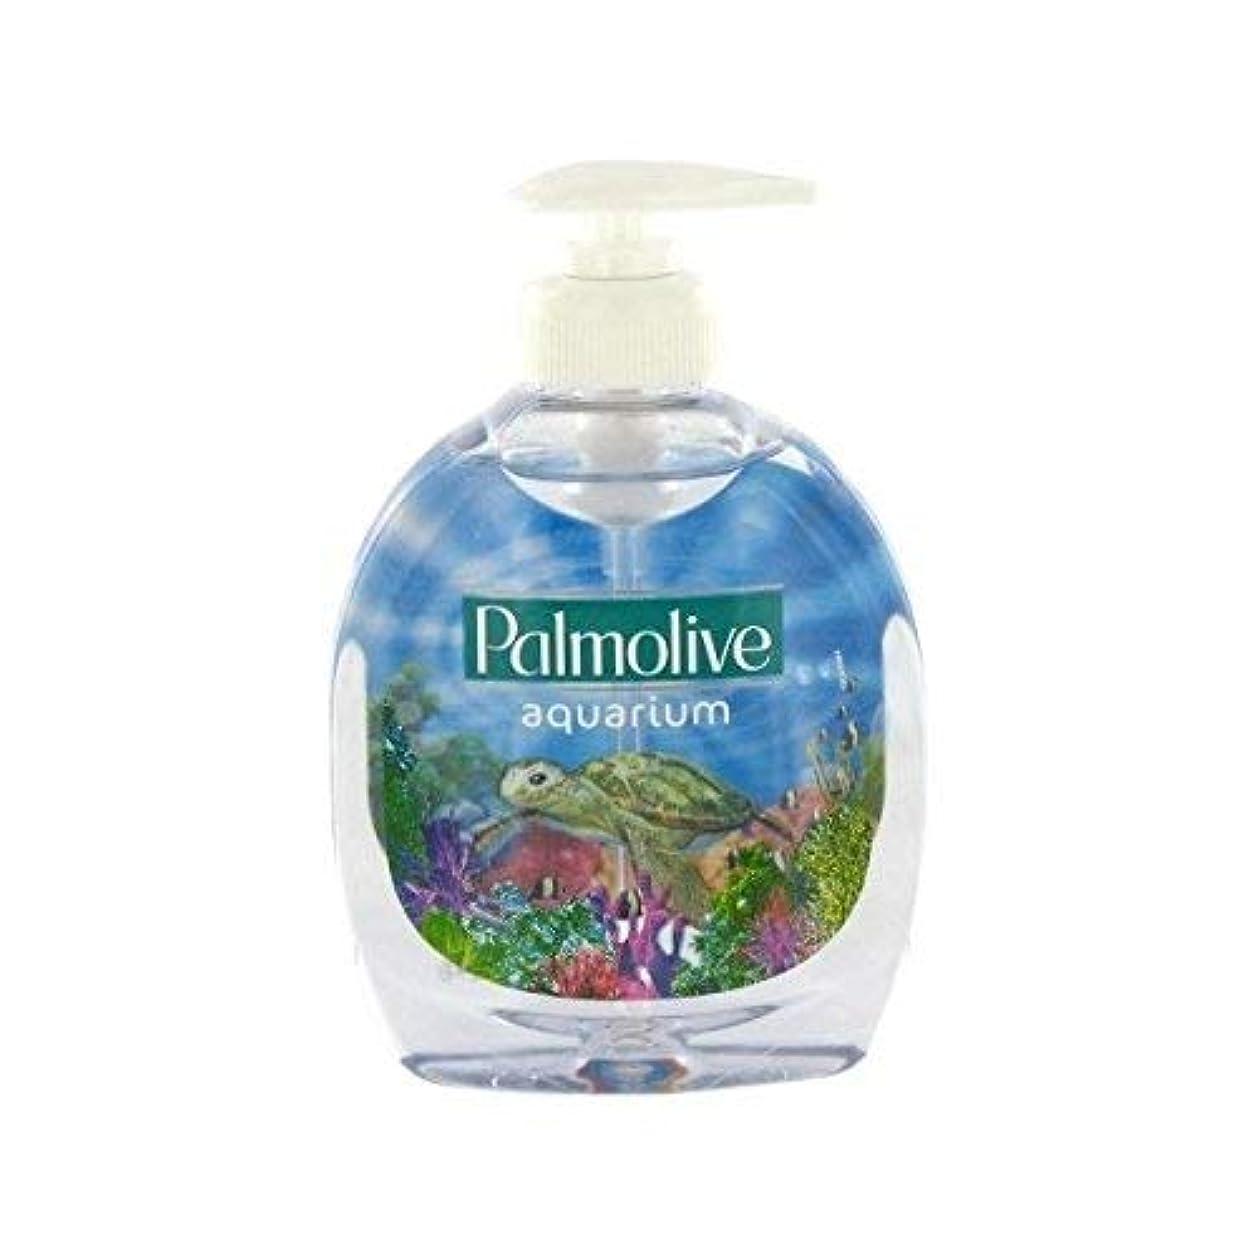 漂流テナント排他的Palmolive Aquarium Fl??ssigseife 300 ml